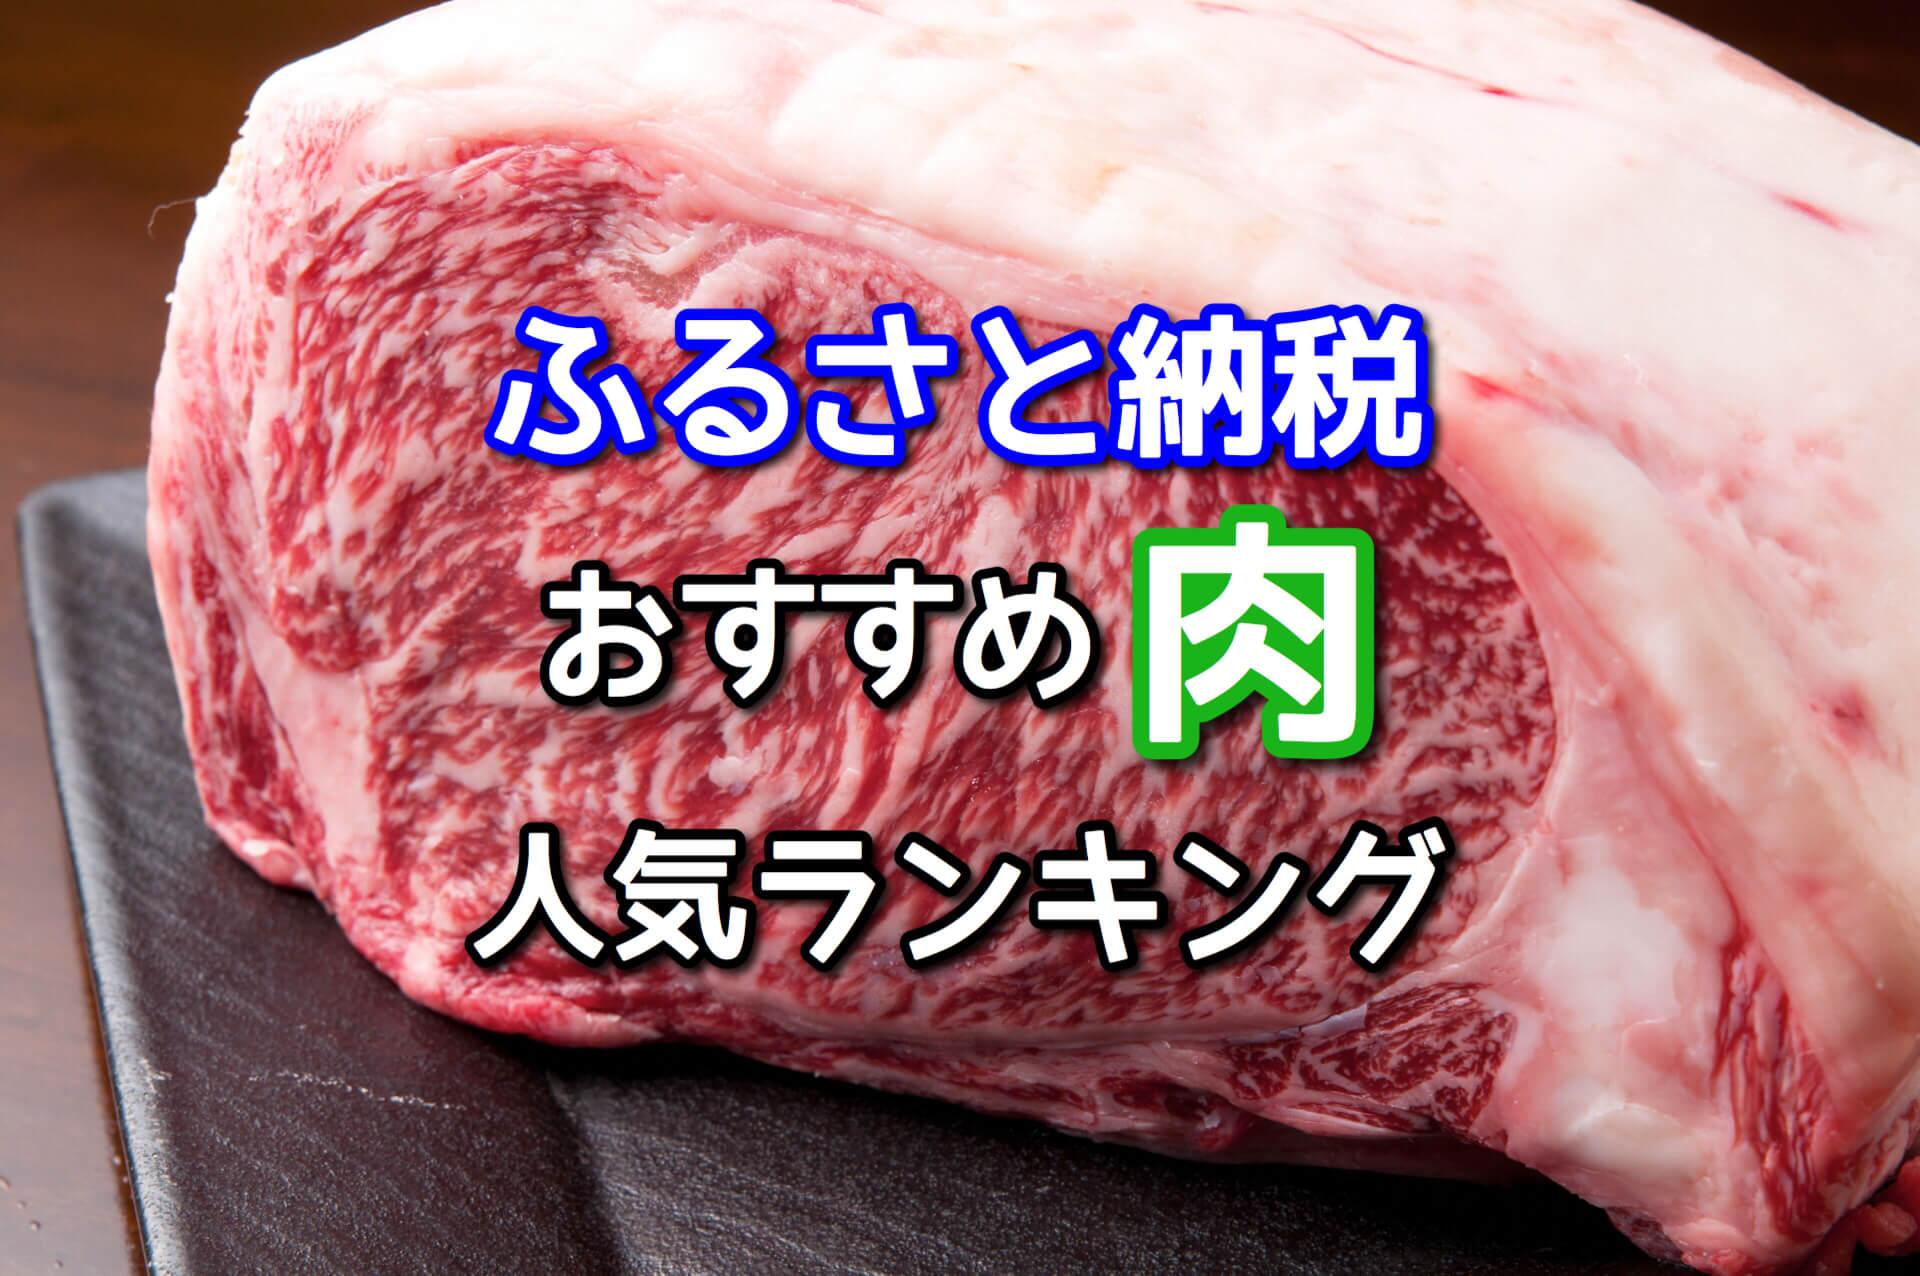 ふるさと納税おすすめ肉ランキングTOP20!全ての肉が集結!【2018】